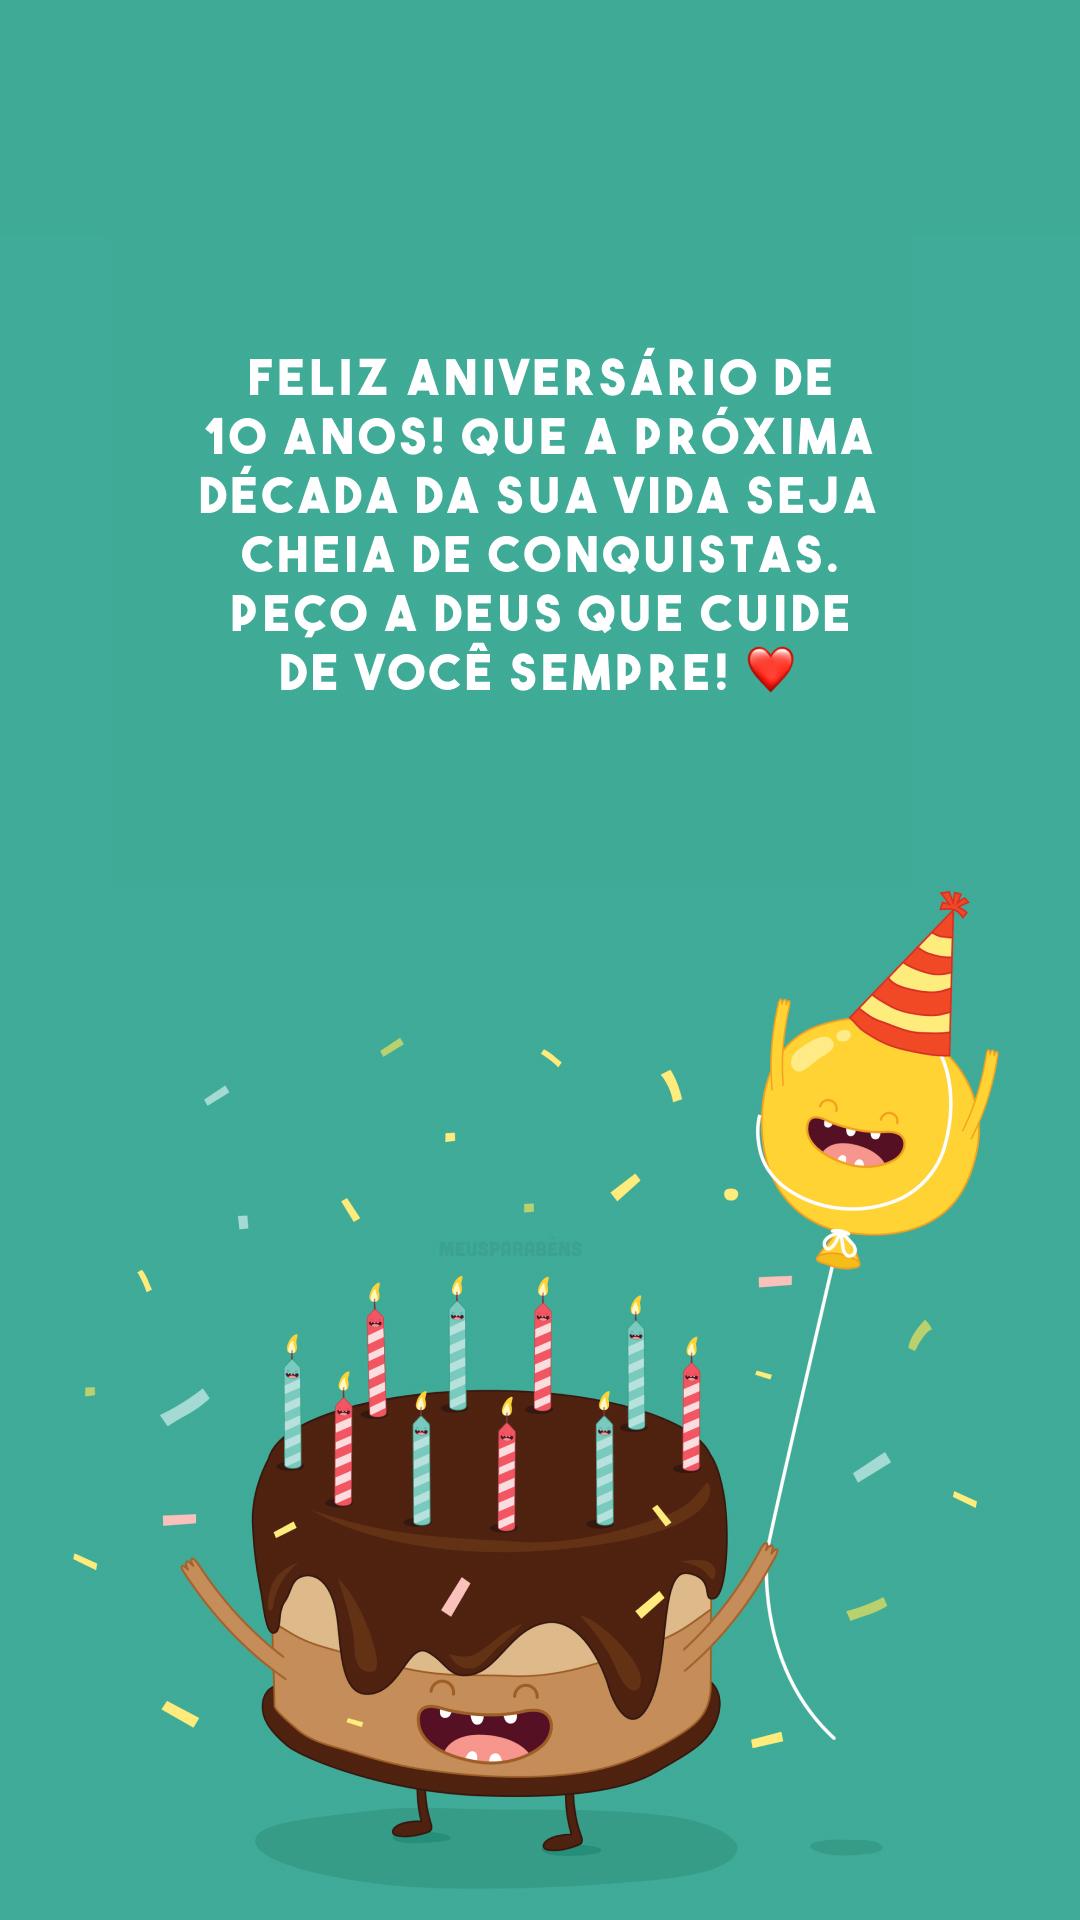 Feliz aniversário de 10 anos! Que a próxima década da sua vida seja cheia de conquistas. Peço a Deus que cuide de você sempre! ❤️